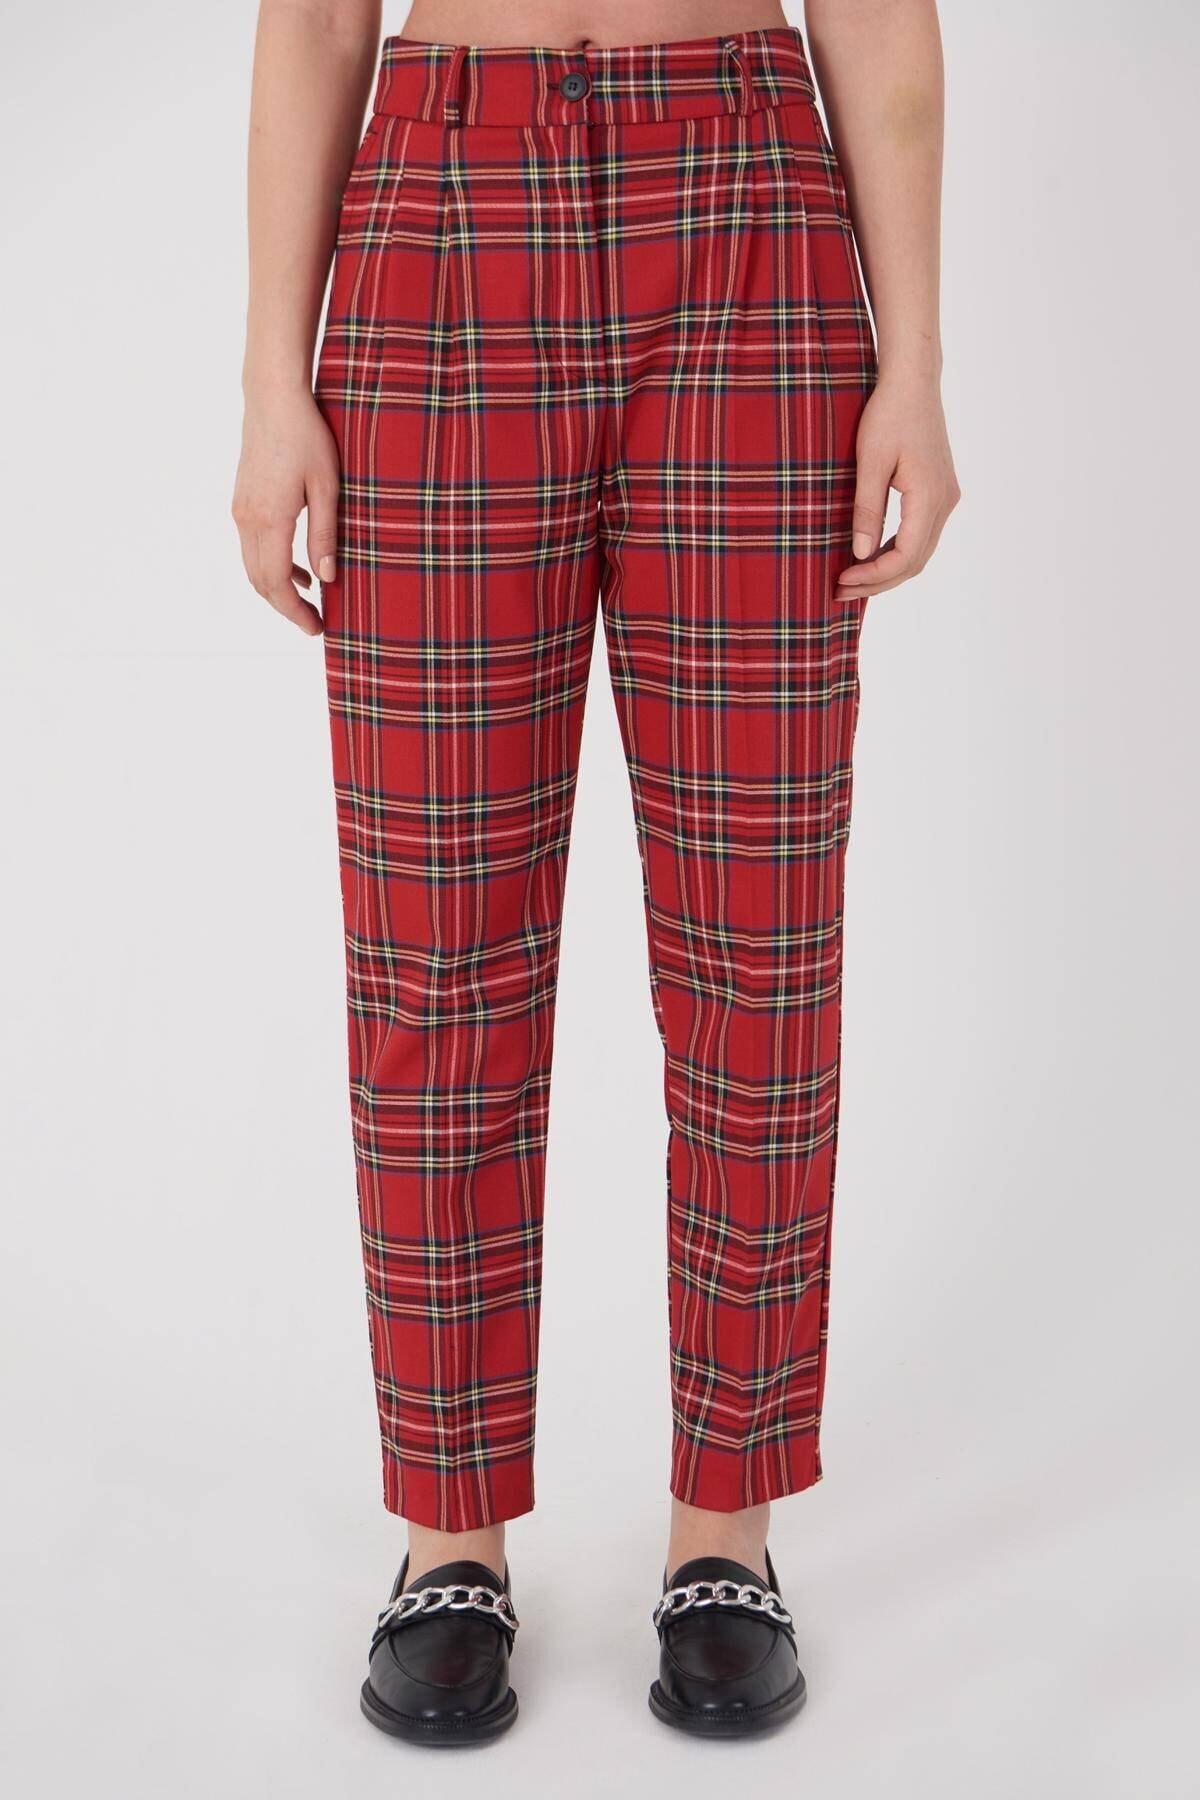 Addax Kadın Kırmızı Ekoseli Pantolon PN21-0222 - X6 ADX-0000023709 2